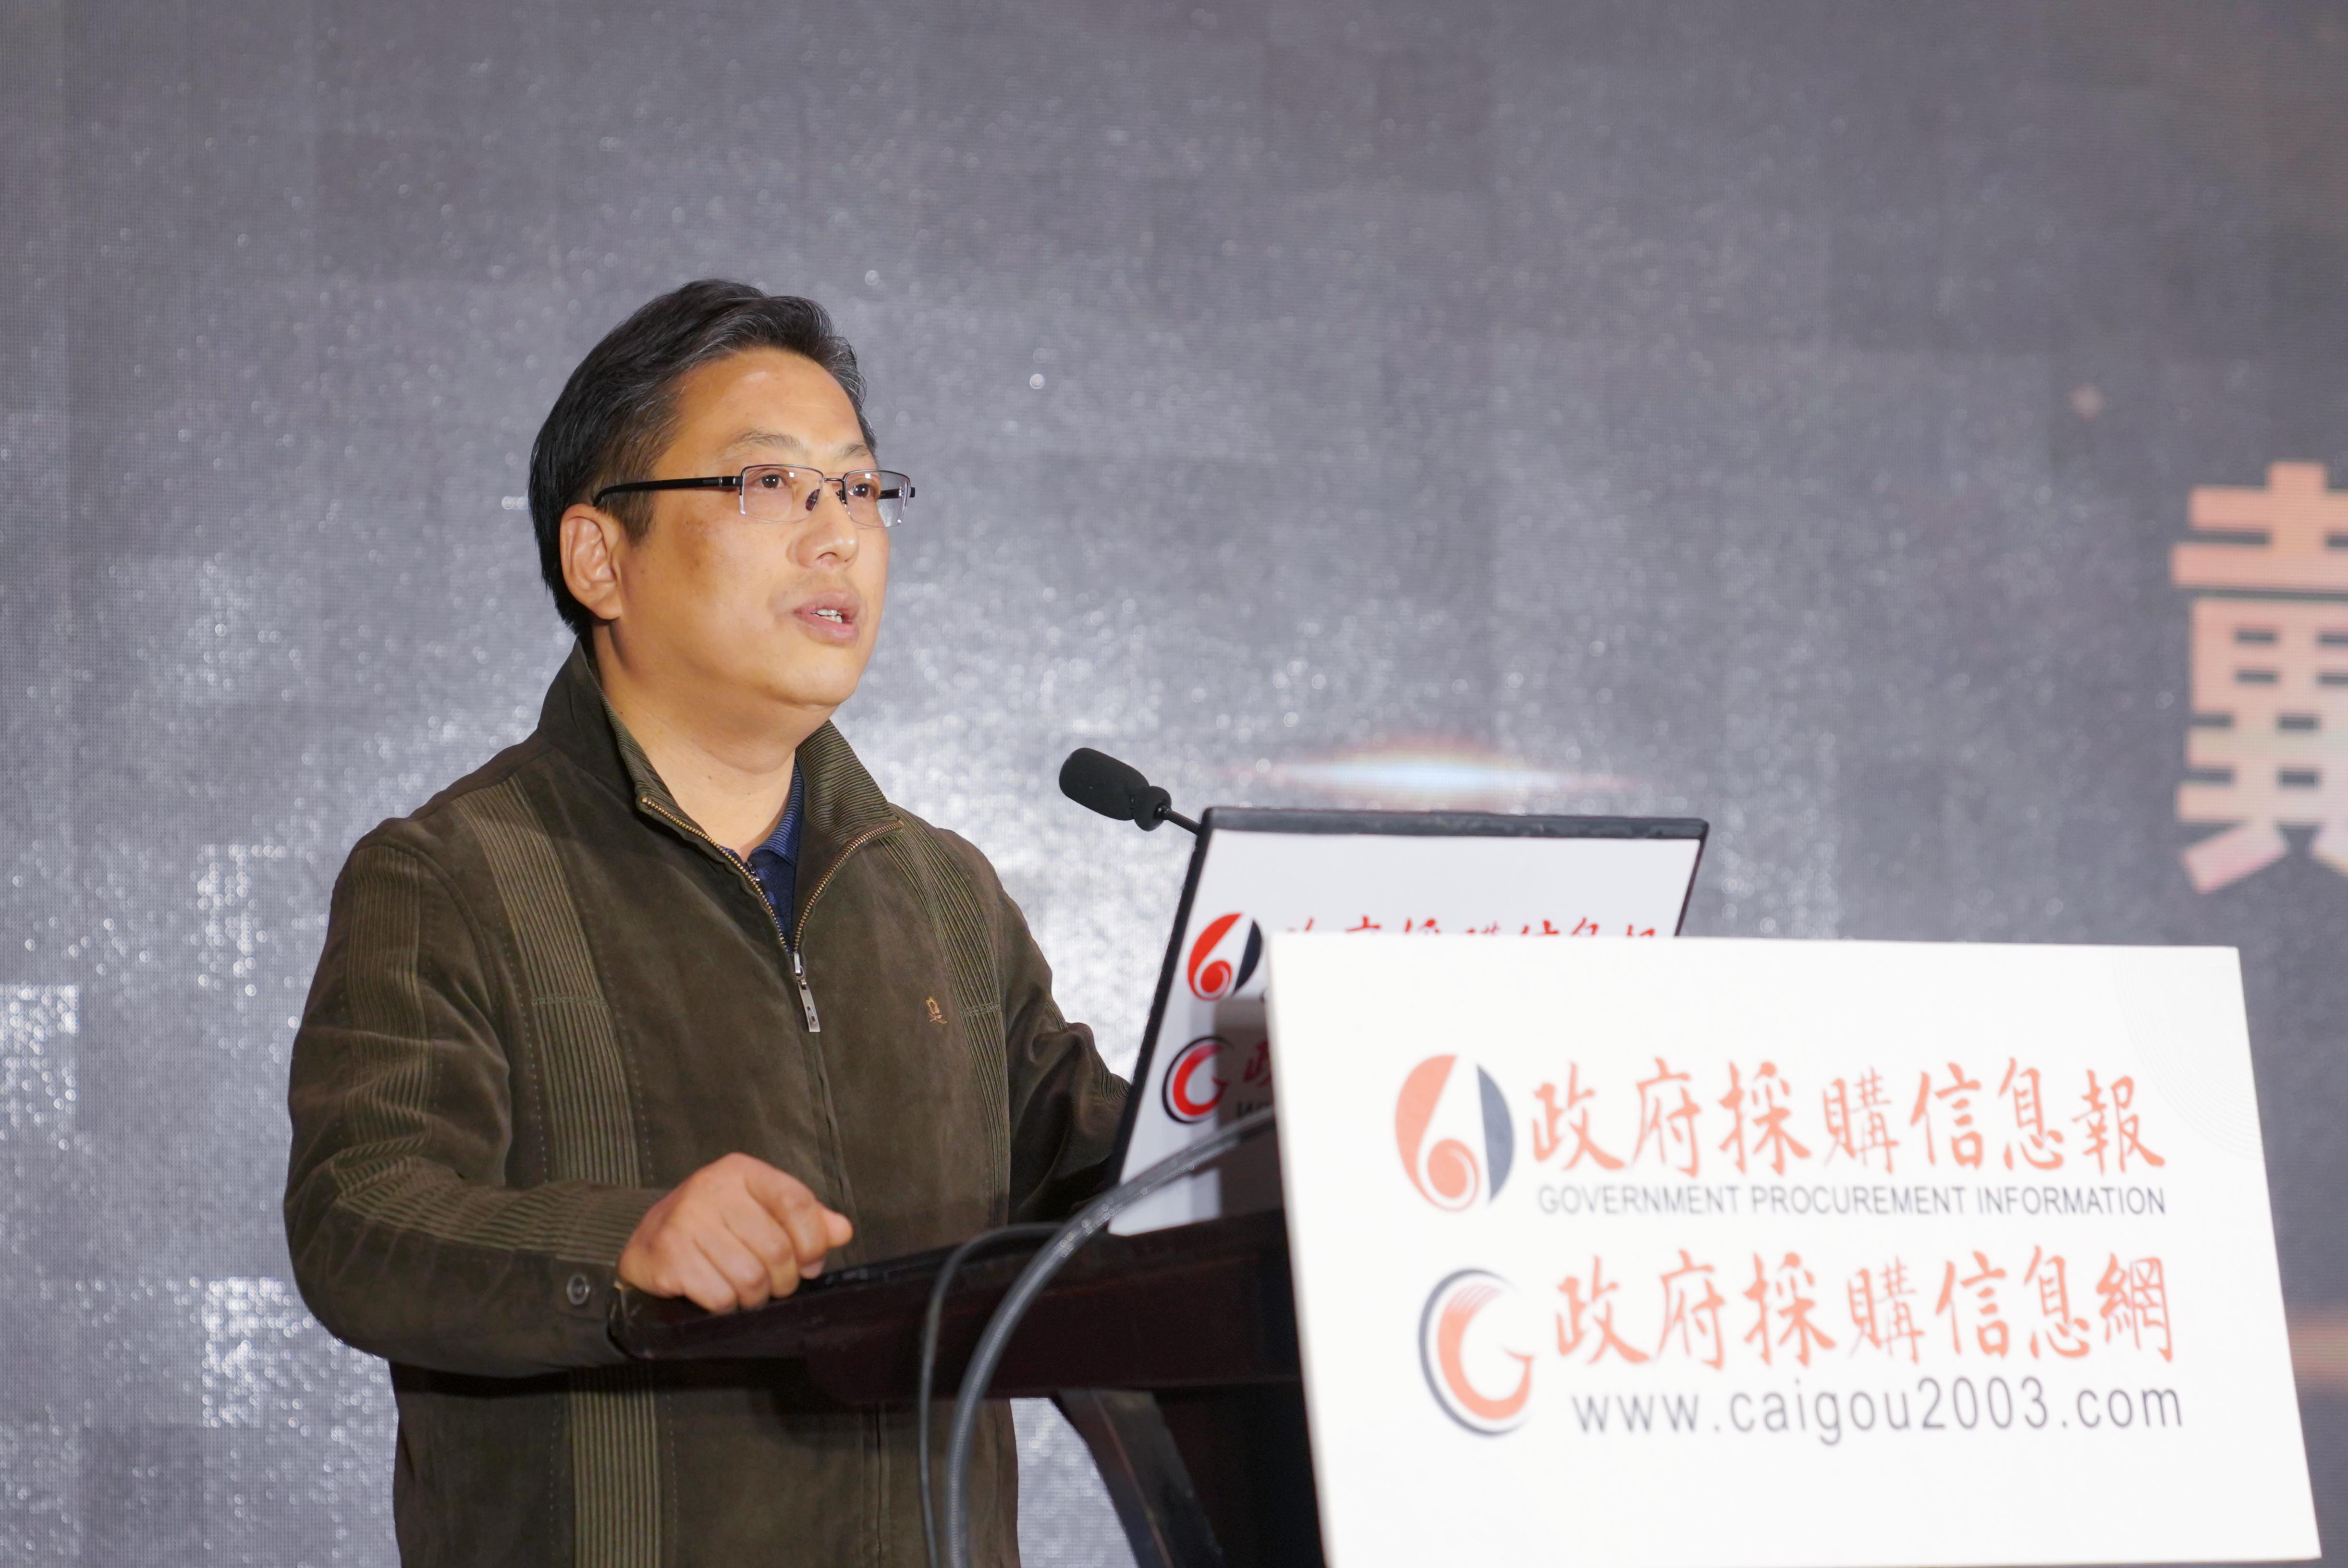 14届集采年会新年演讲:戴民辉